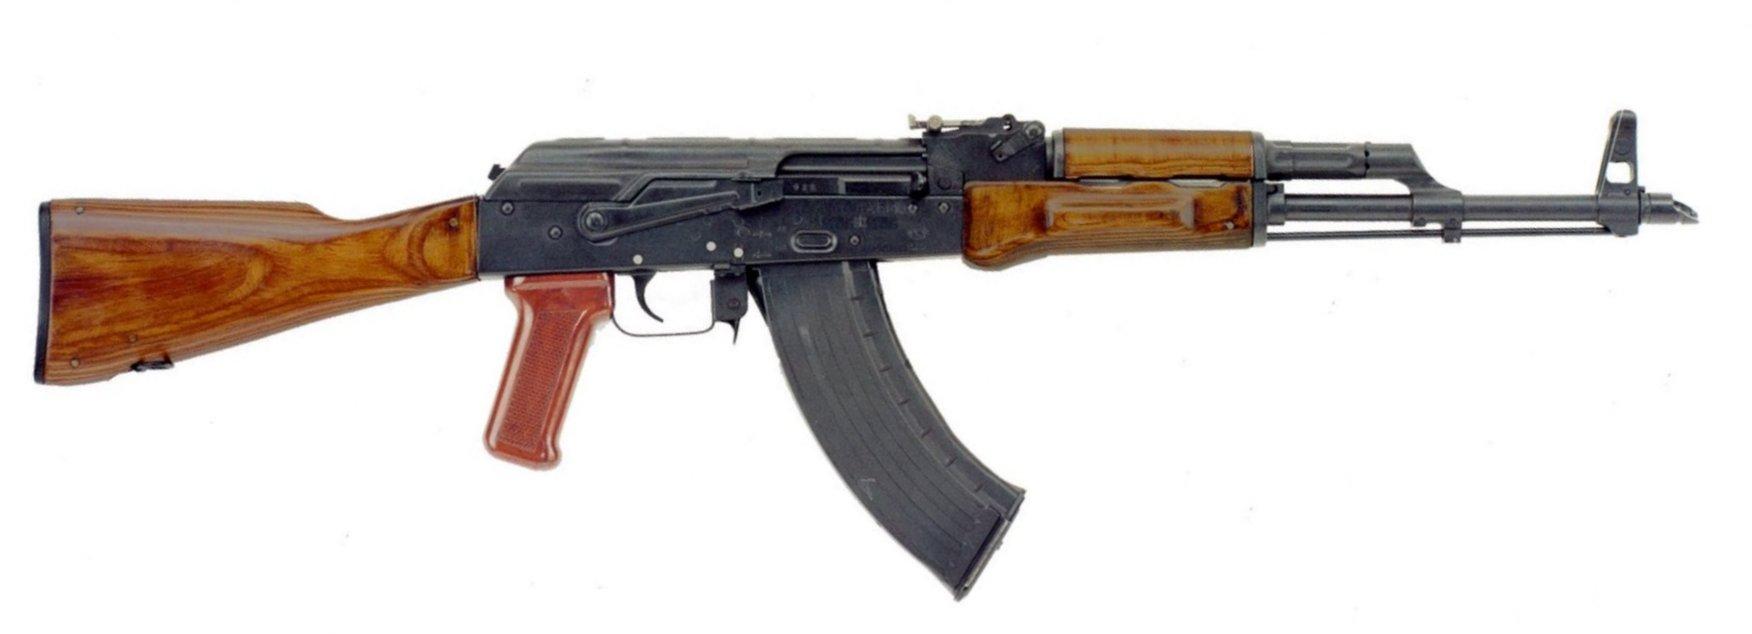 AK-47 (disambiguation)